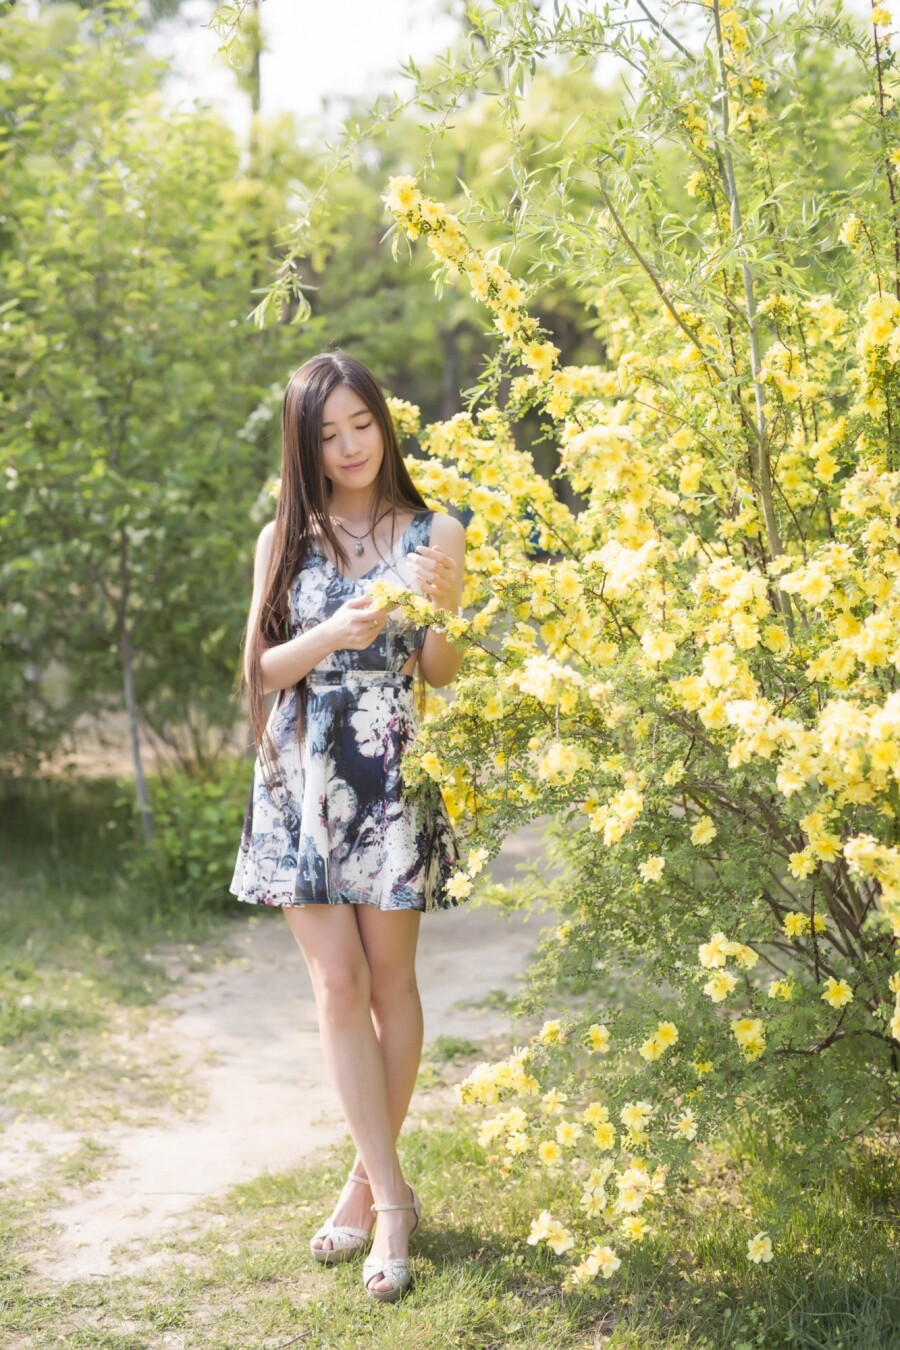 素颜美女 - 春色满园 - 春色满园